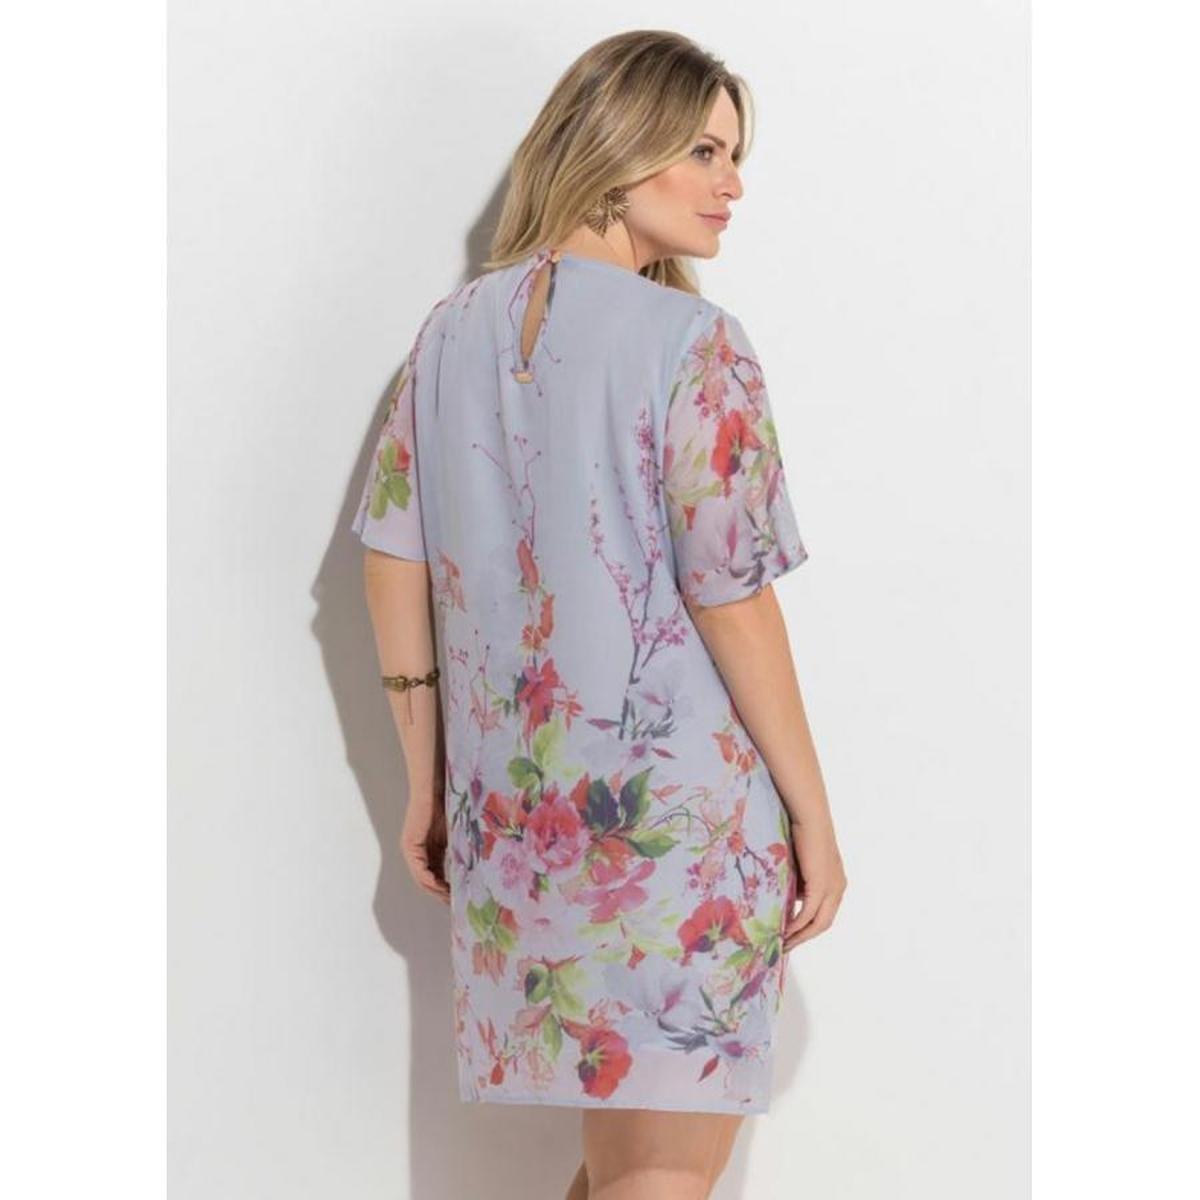 3c089589f Vestido Plus Size Chiffon Floral Forro Quintess - Compre Agora | Zattini